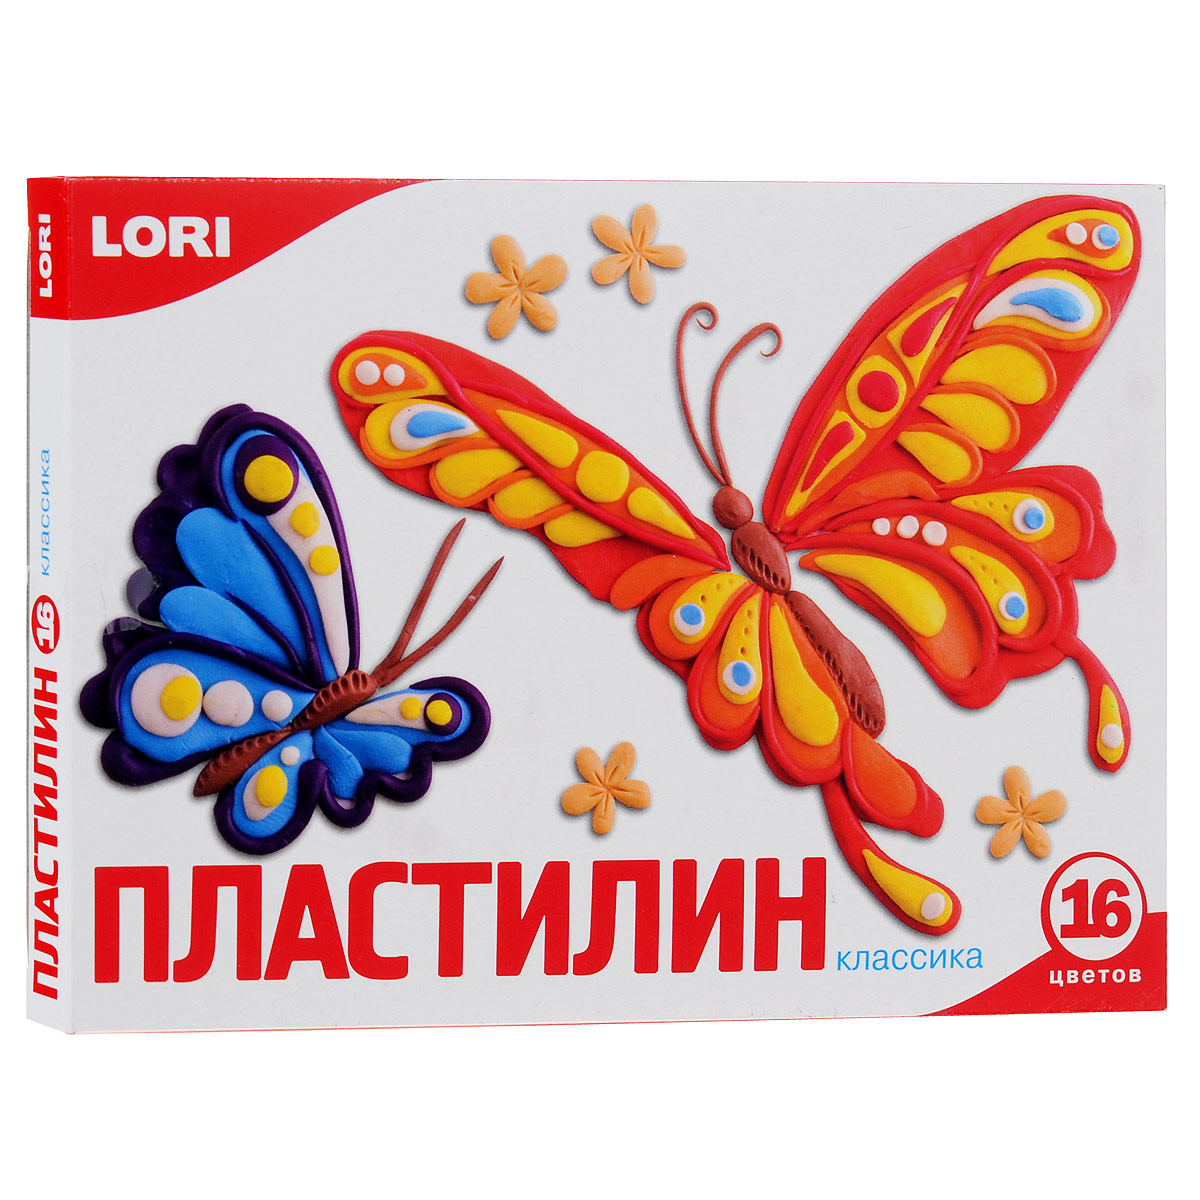 Пластилин Lori Классика, 16 цветов пластилин детский классика 16 цветов 20с 1329 08